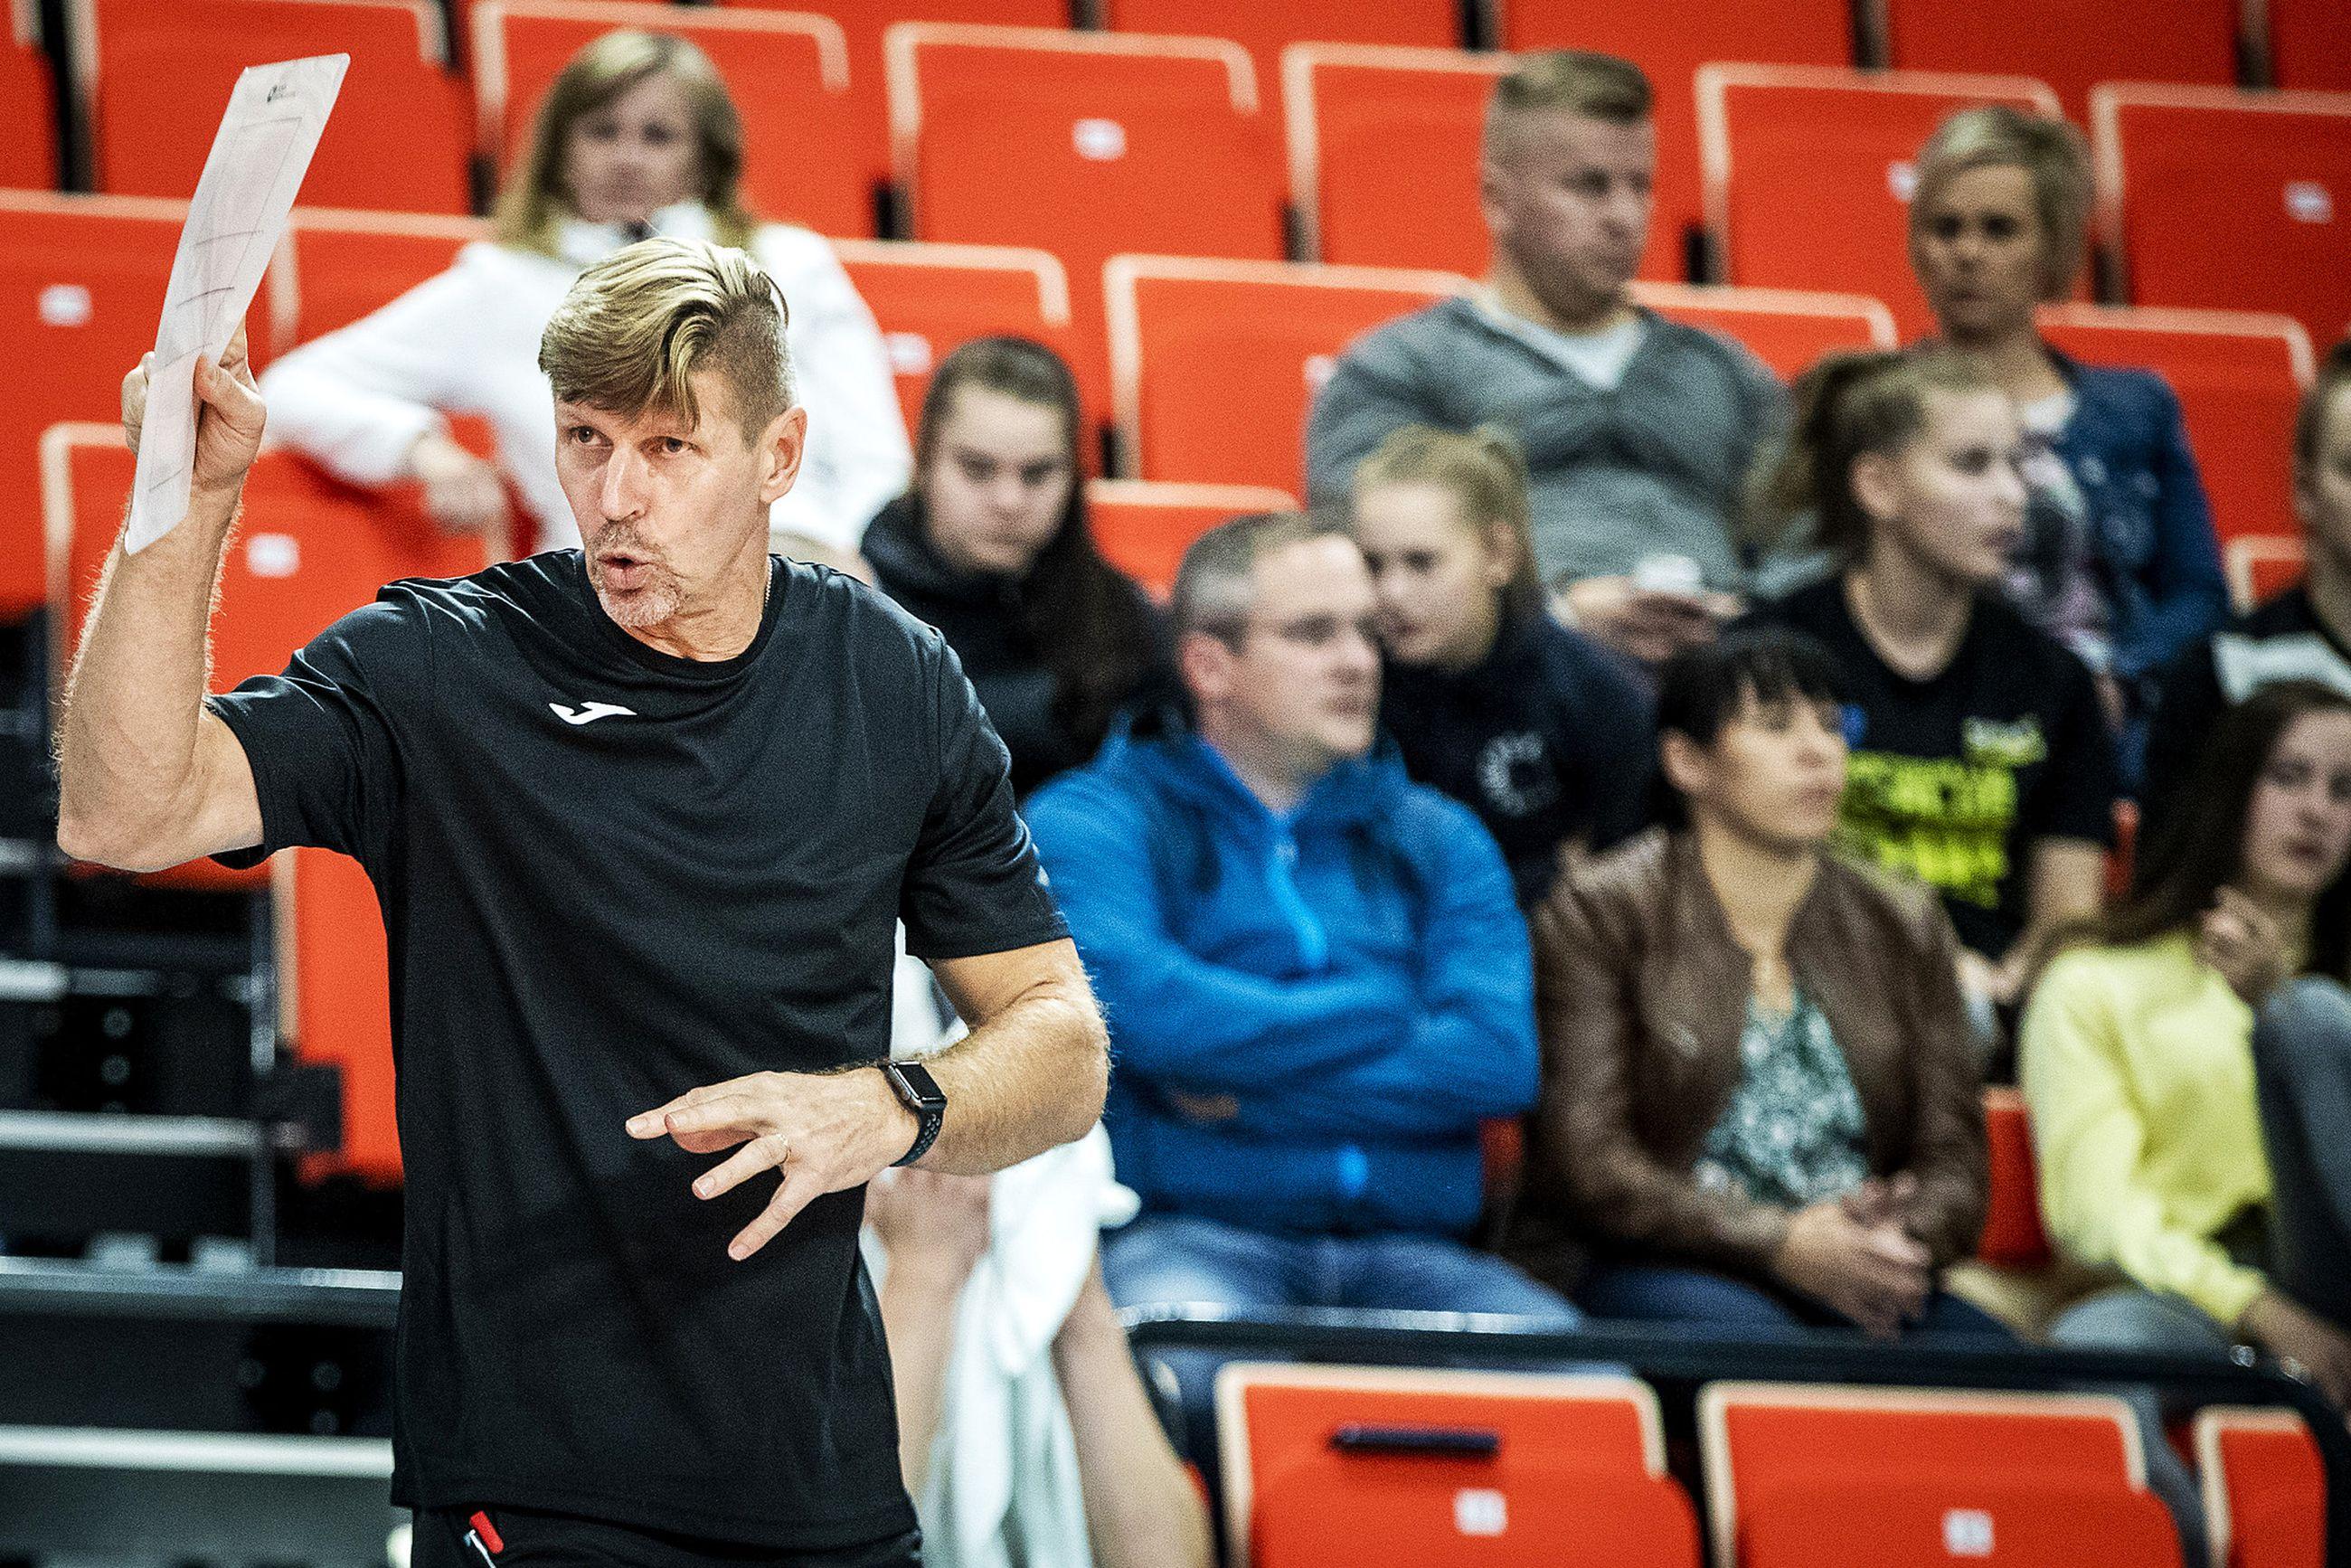 PerPon pävalmentaja Jukka Tuovinen painottaa joukkuehengen merkitystä.